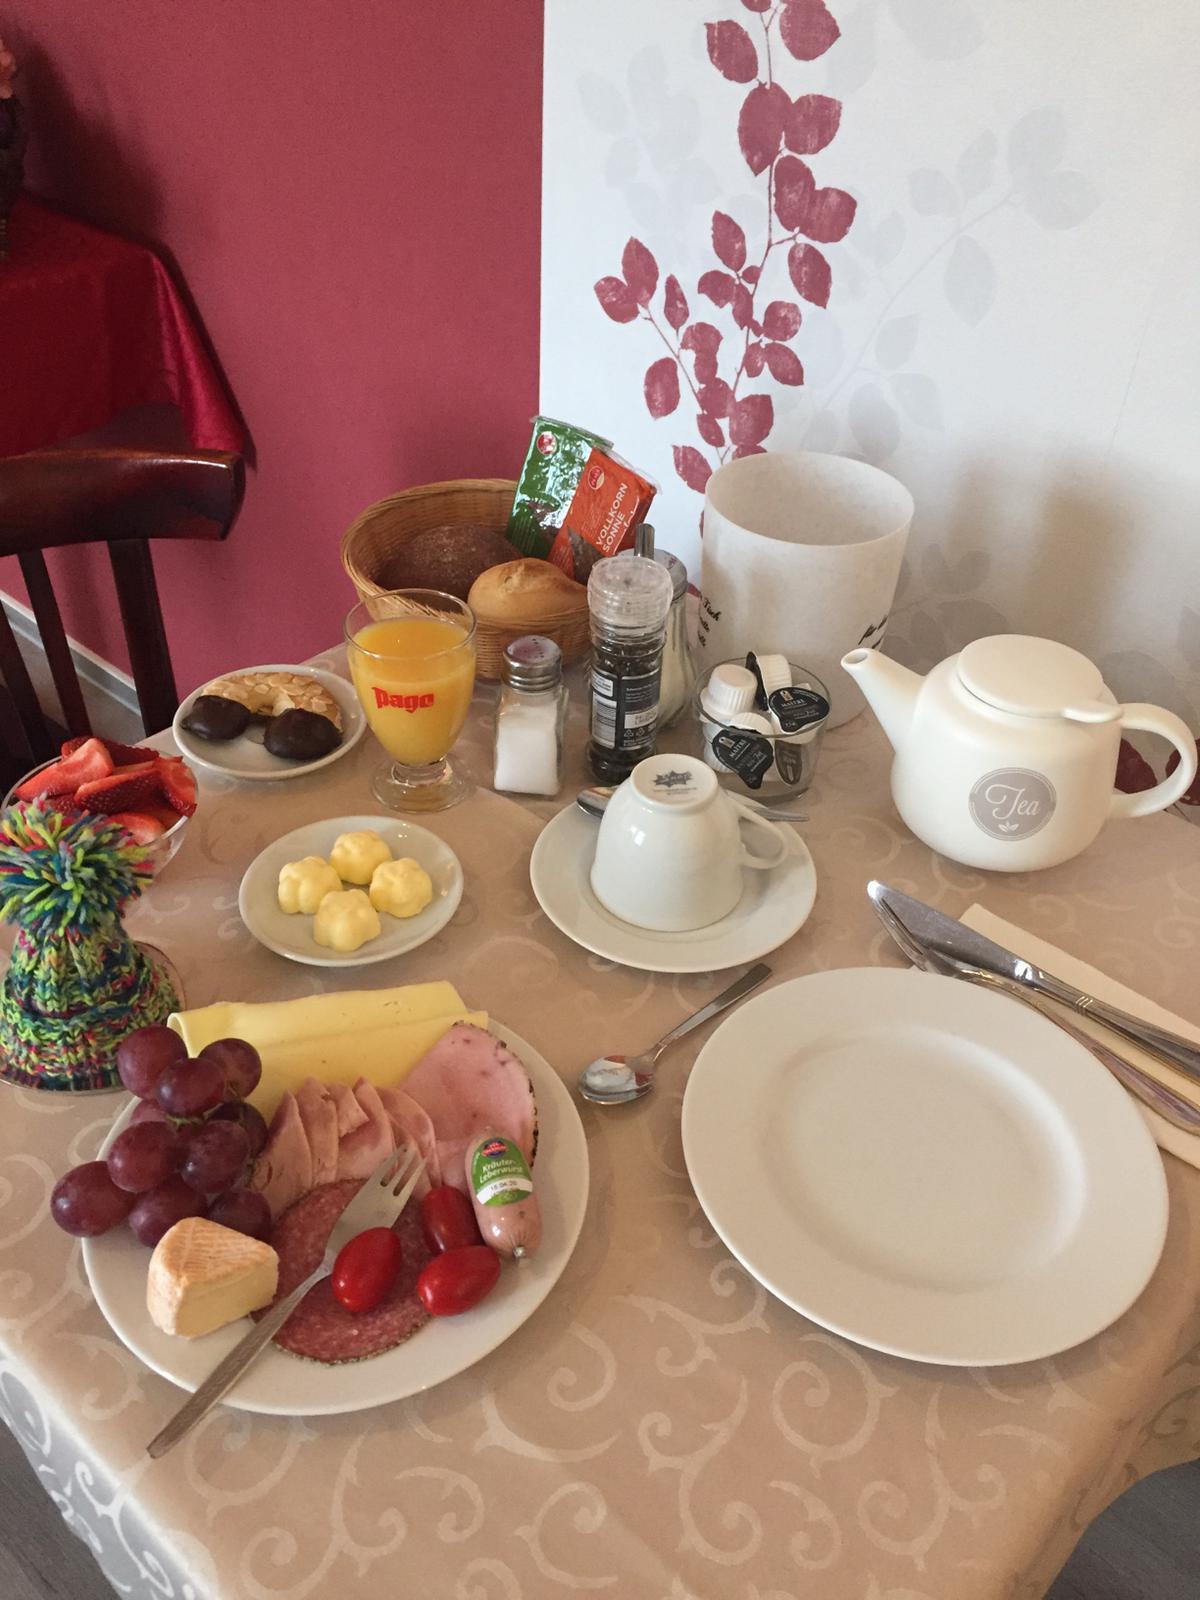 kontinentale Frühstücksauswahl